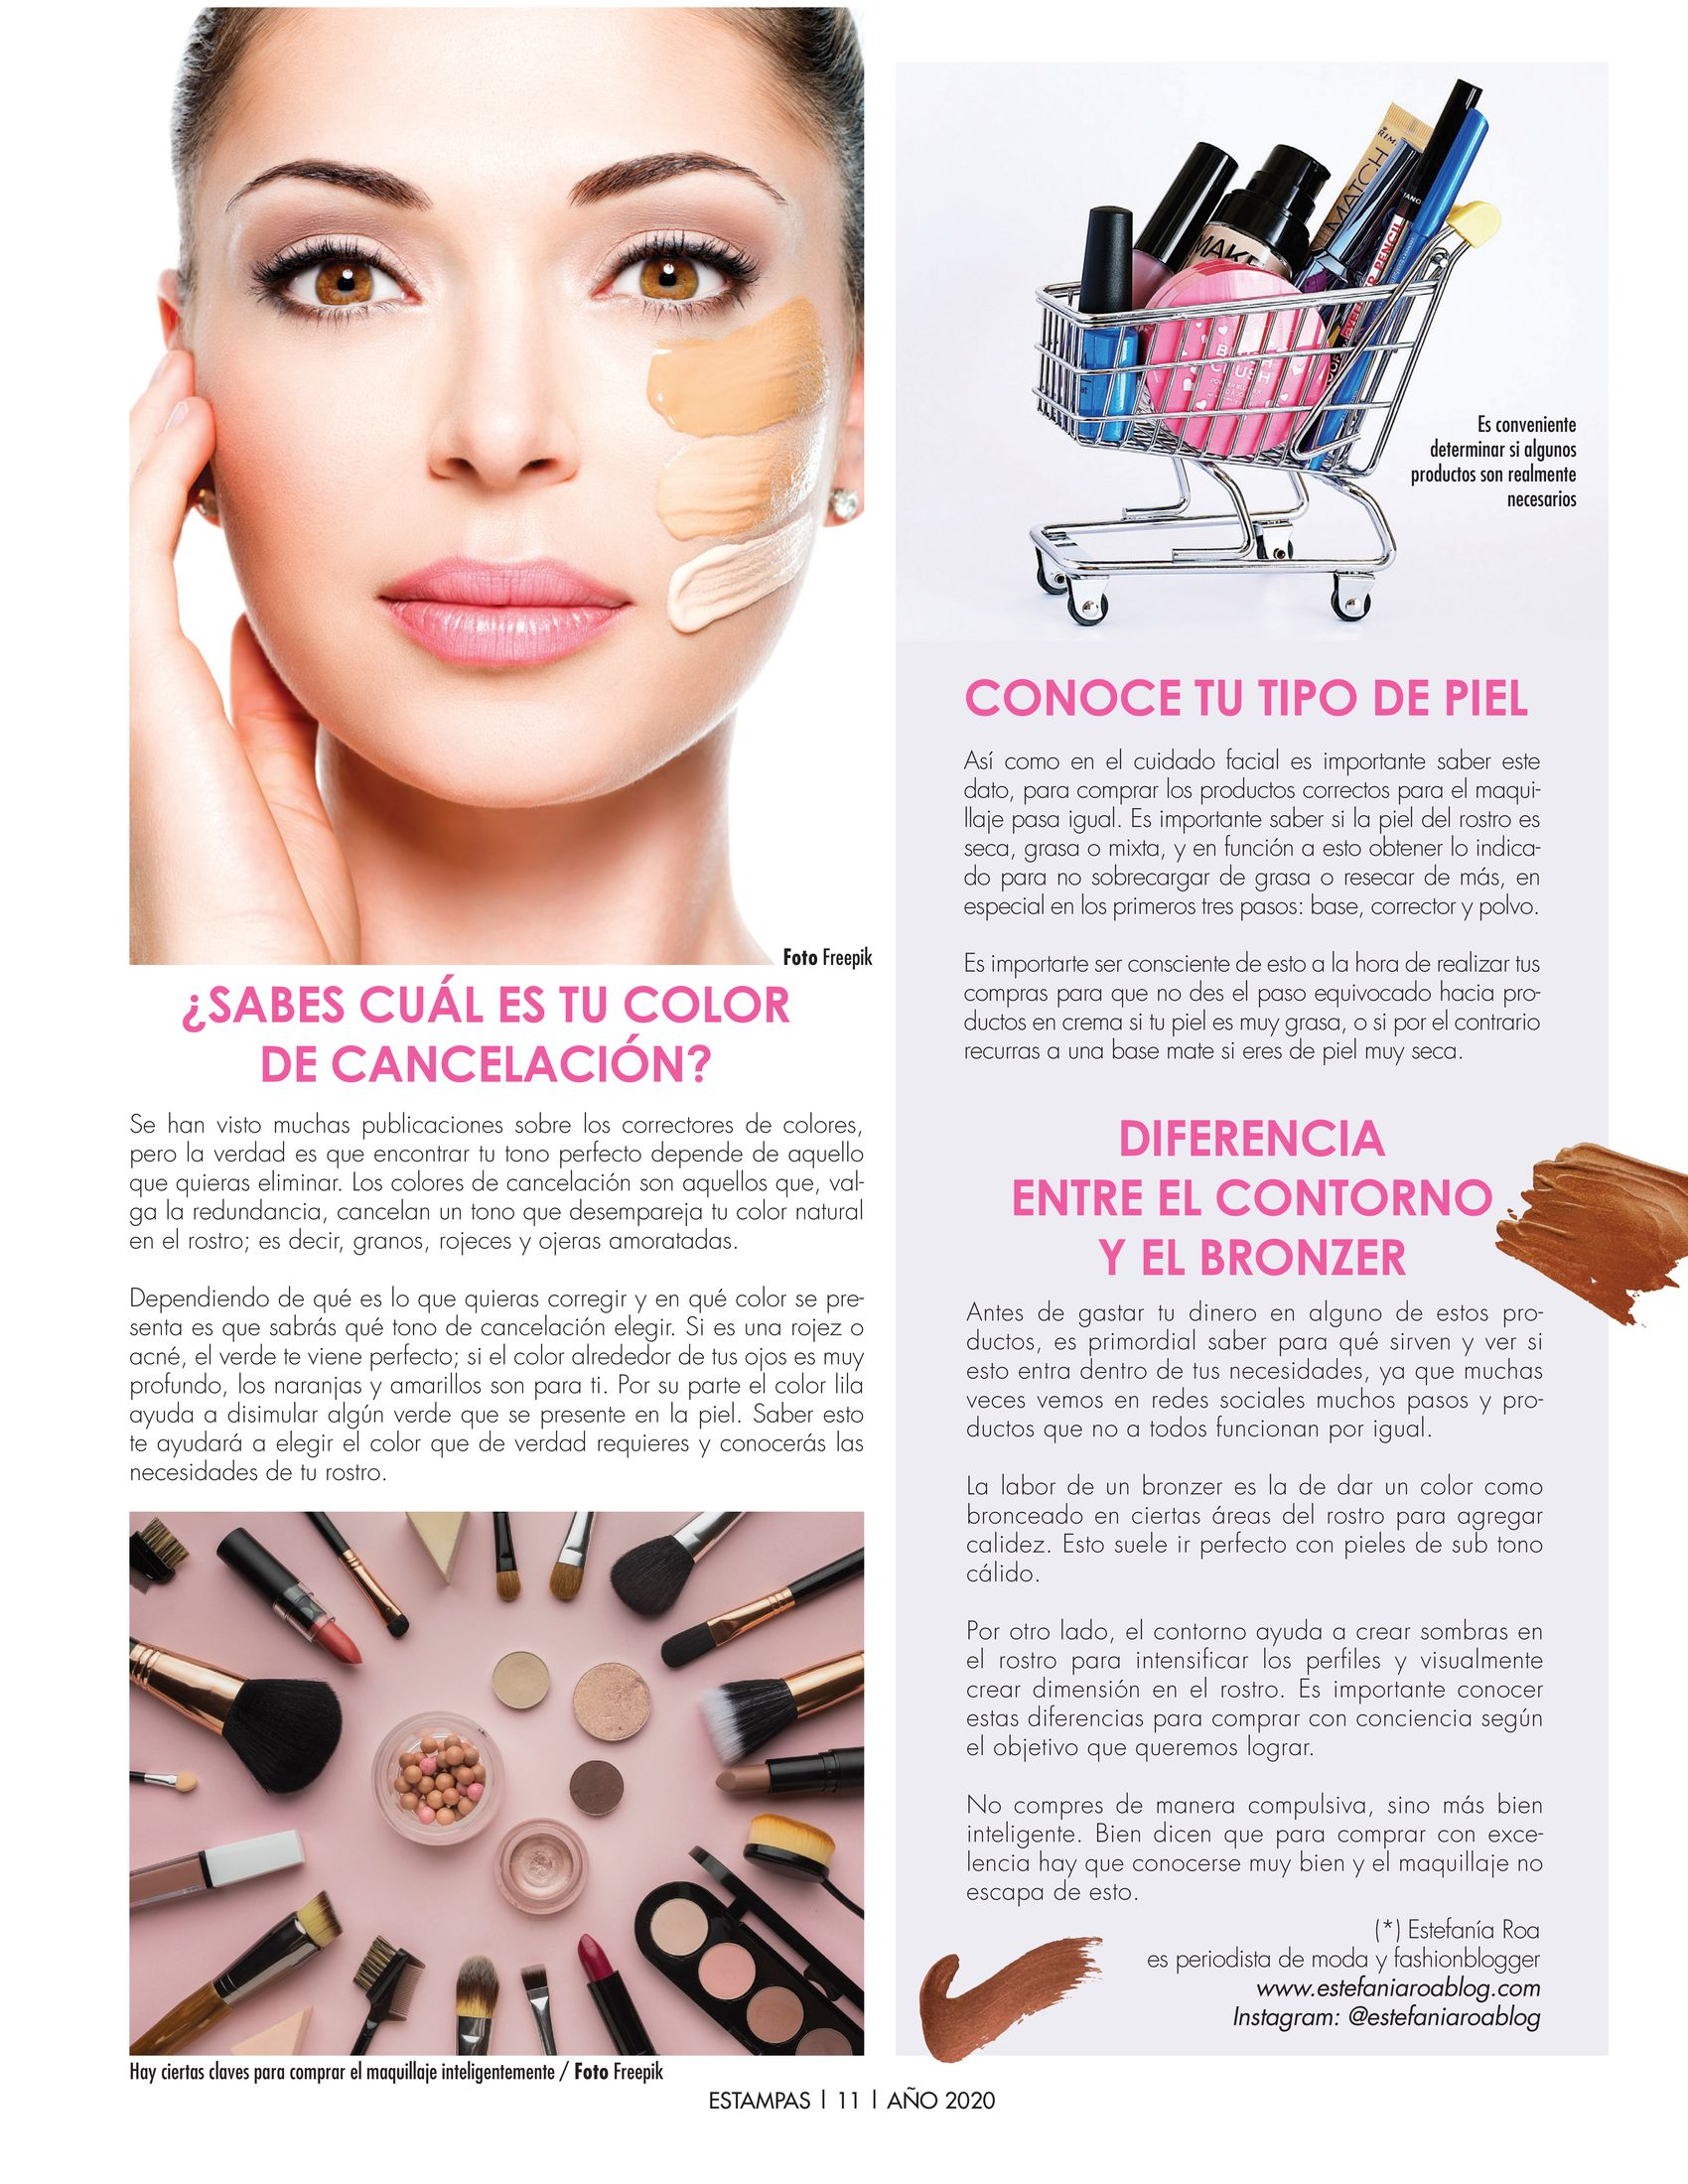 11-REV Belleza: Estefanía Roa:  Comprar maquillaje sabiamente